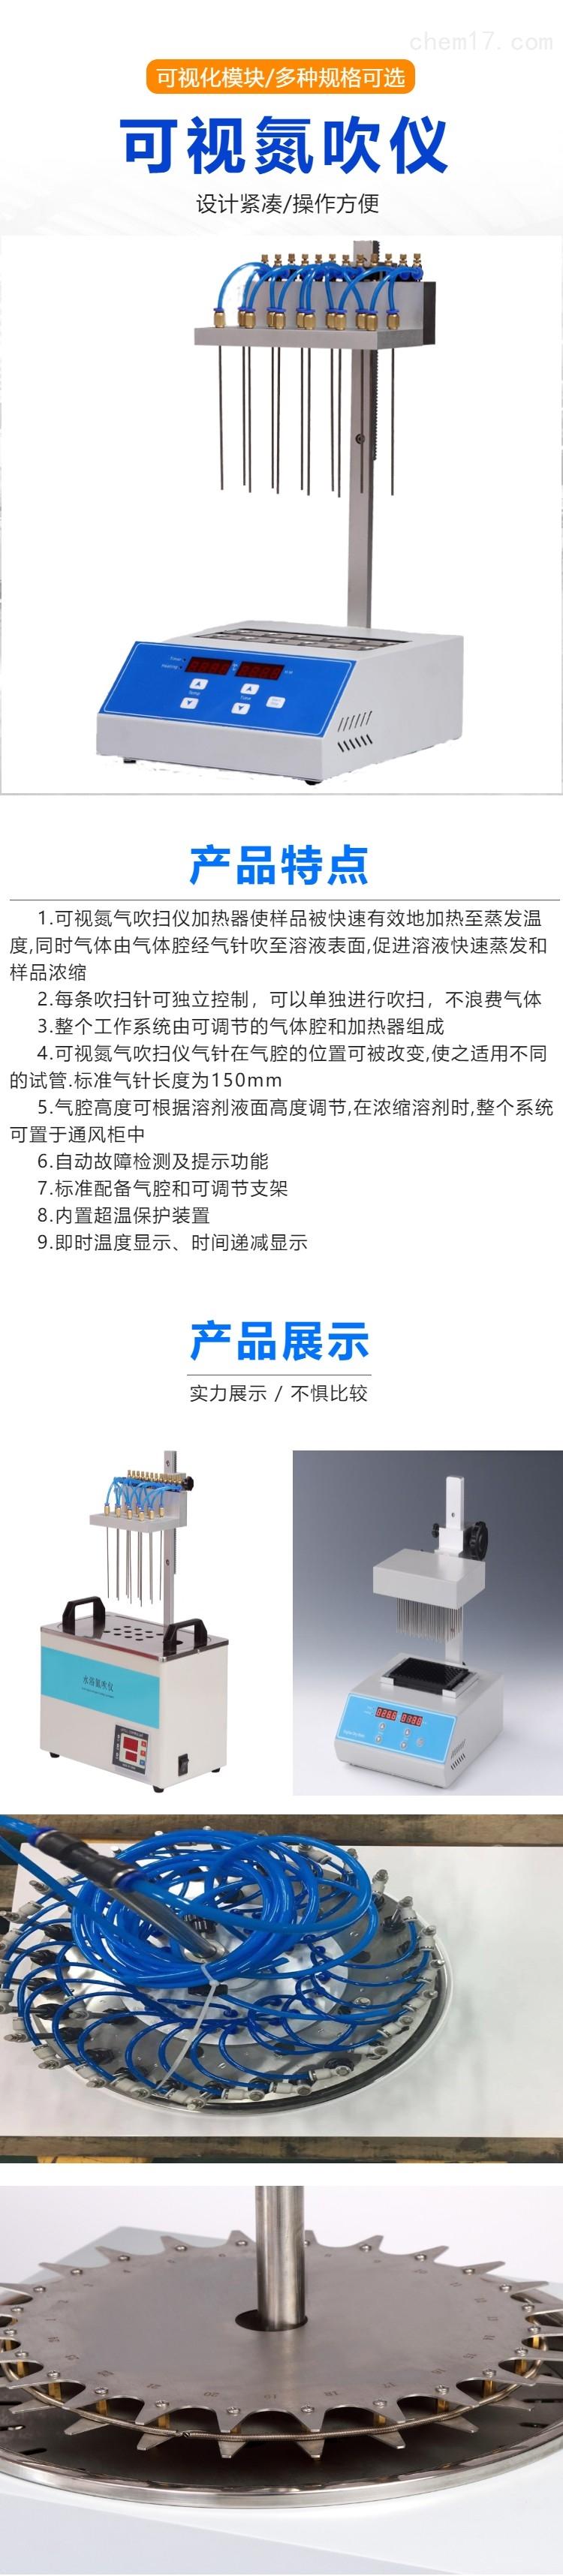 可视氮吹仪Y.jpg